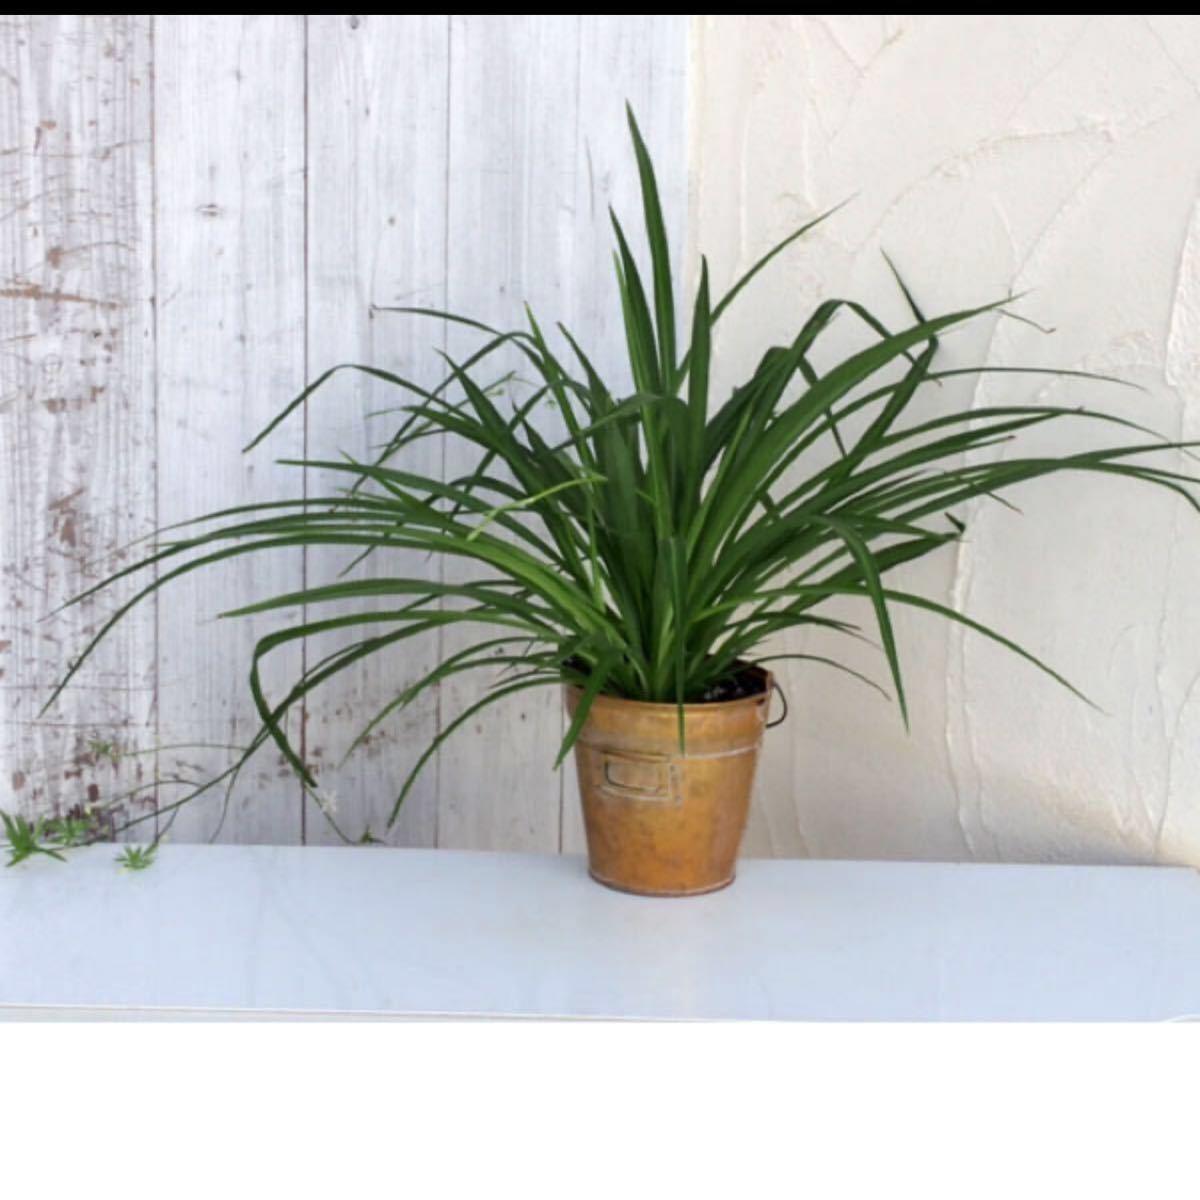 観葉植物 アオ オリヅルラン 青 発根 子株3つ 苗